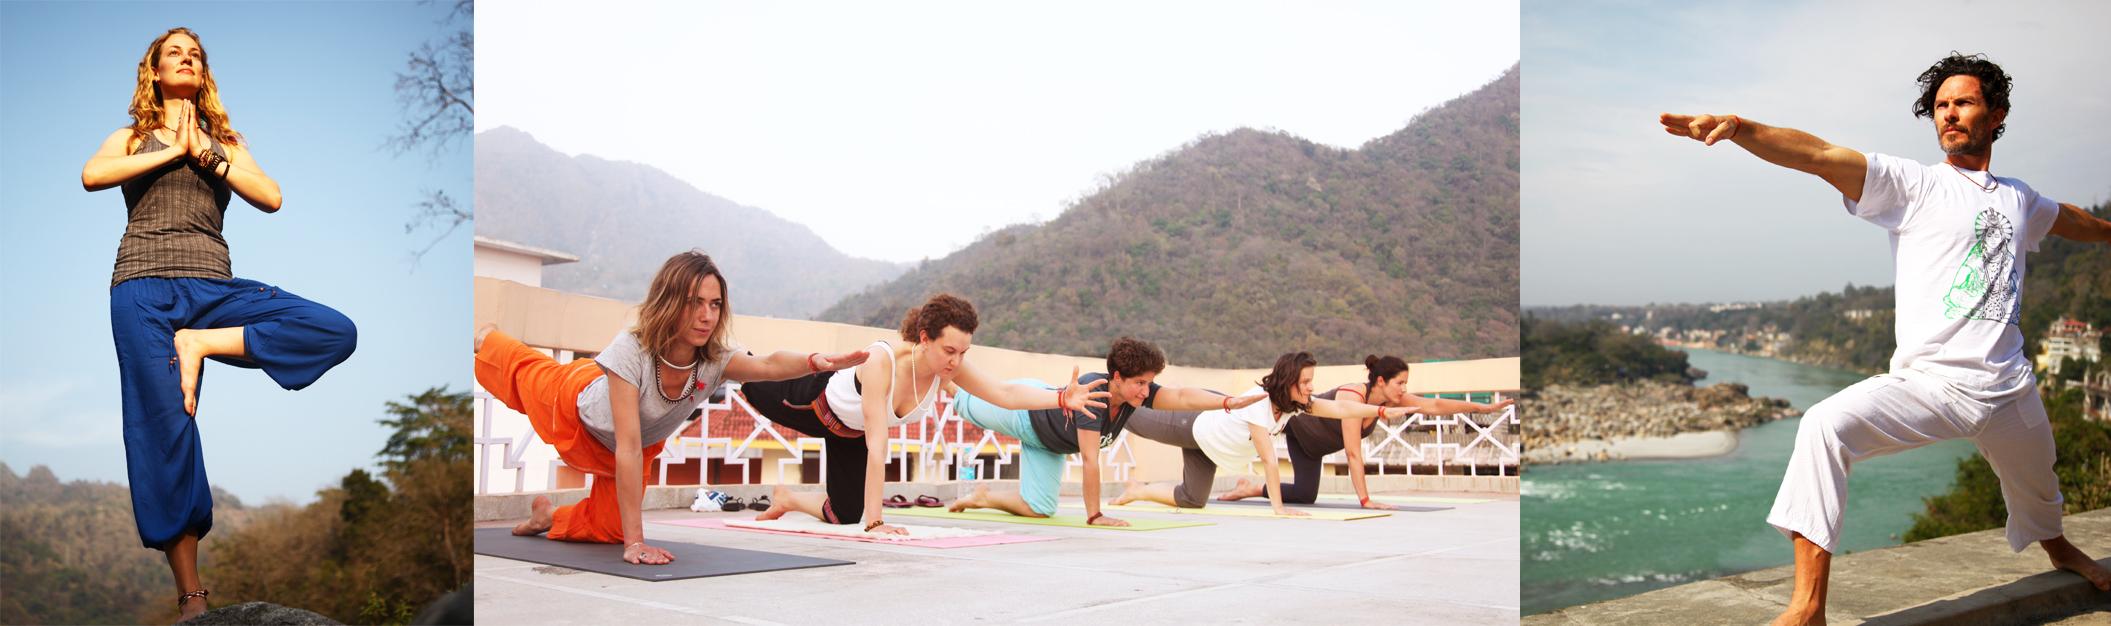 pratique himalaya 2 yoga&vedas